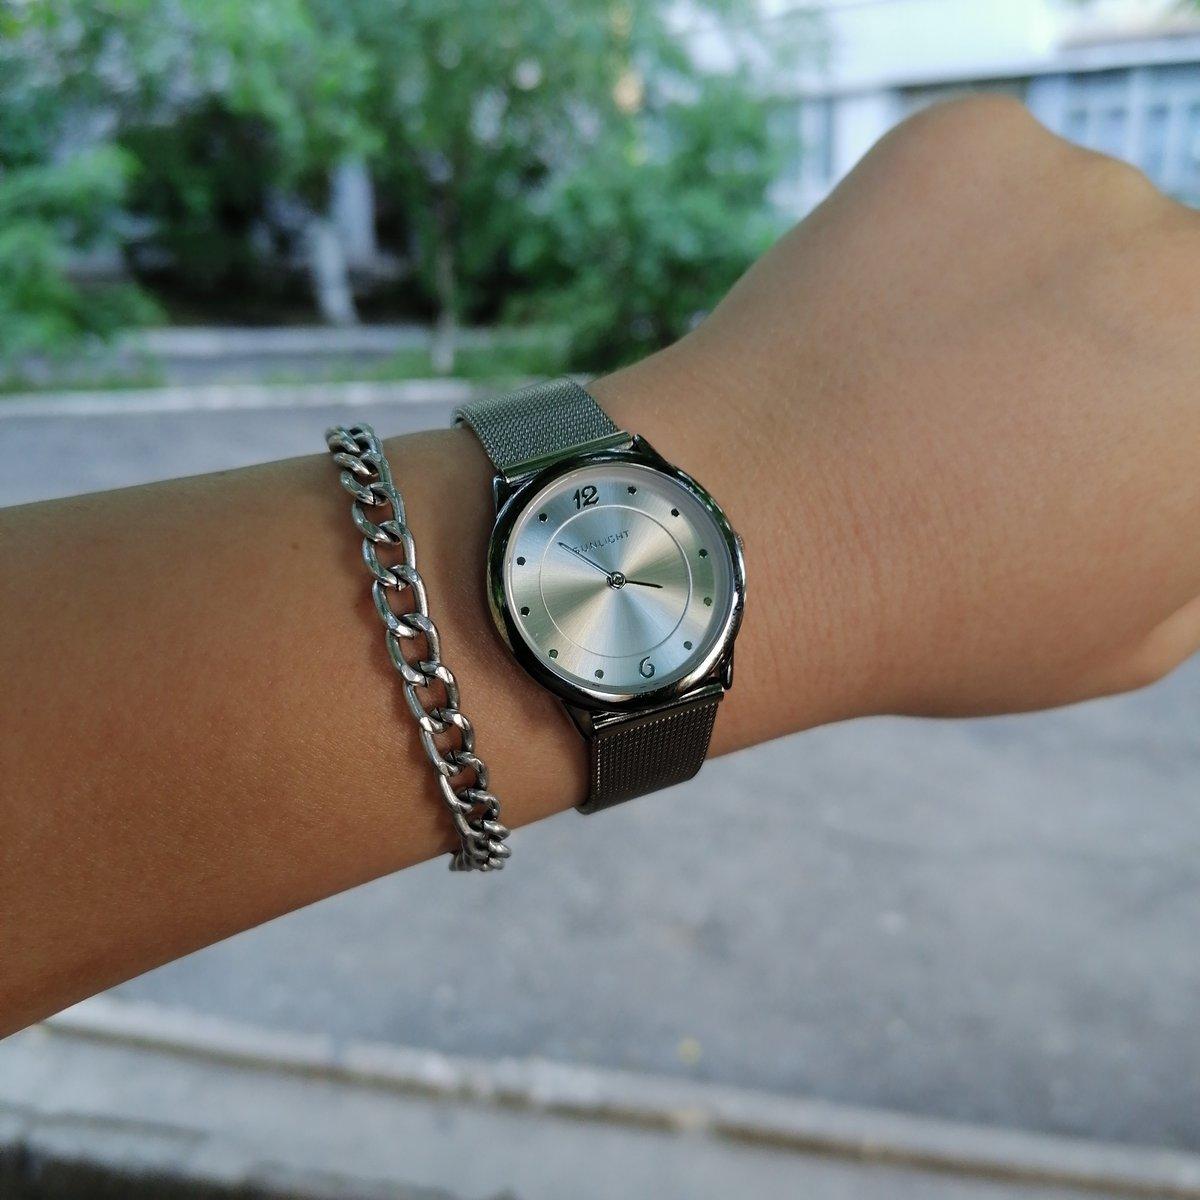 Часы на миланском браслете